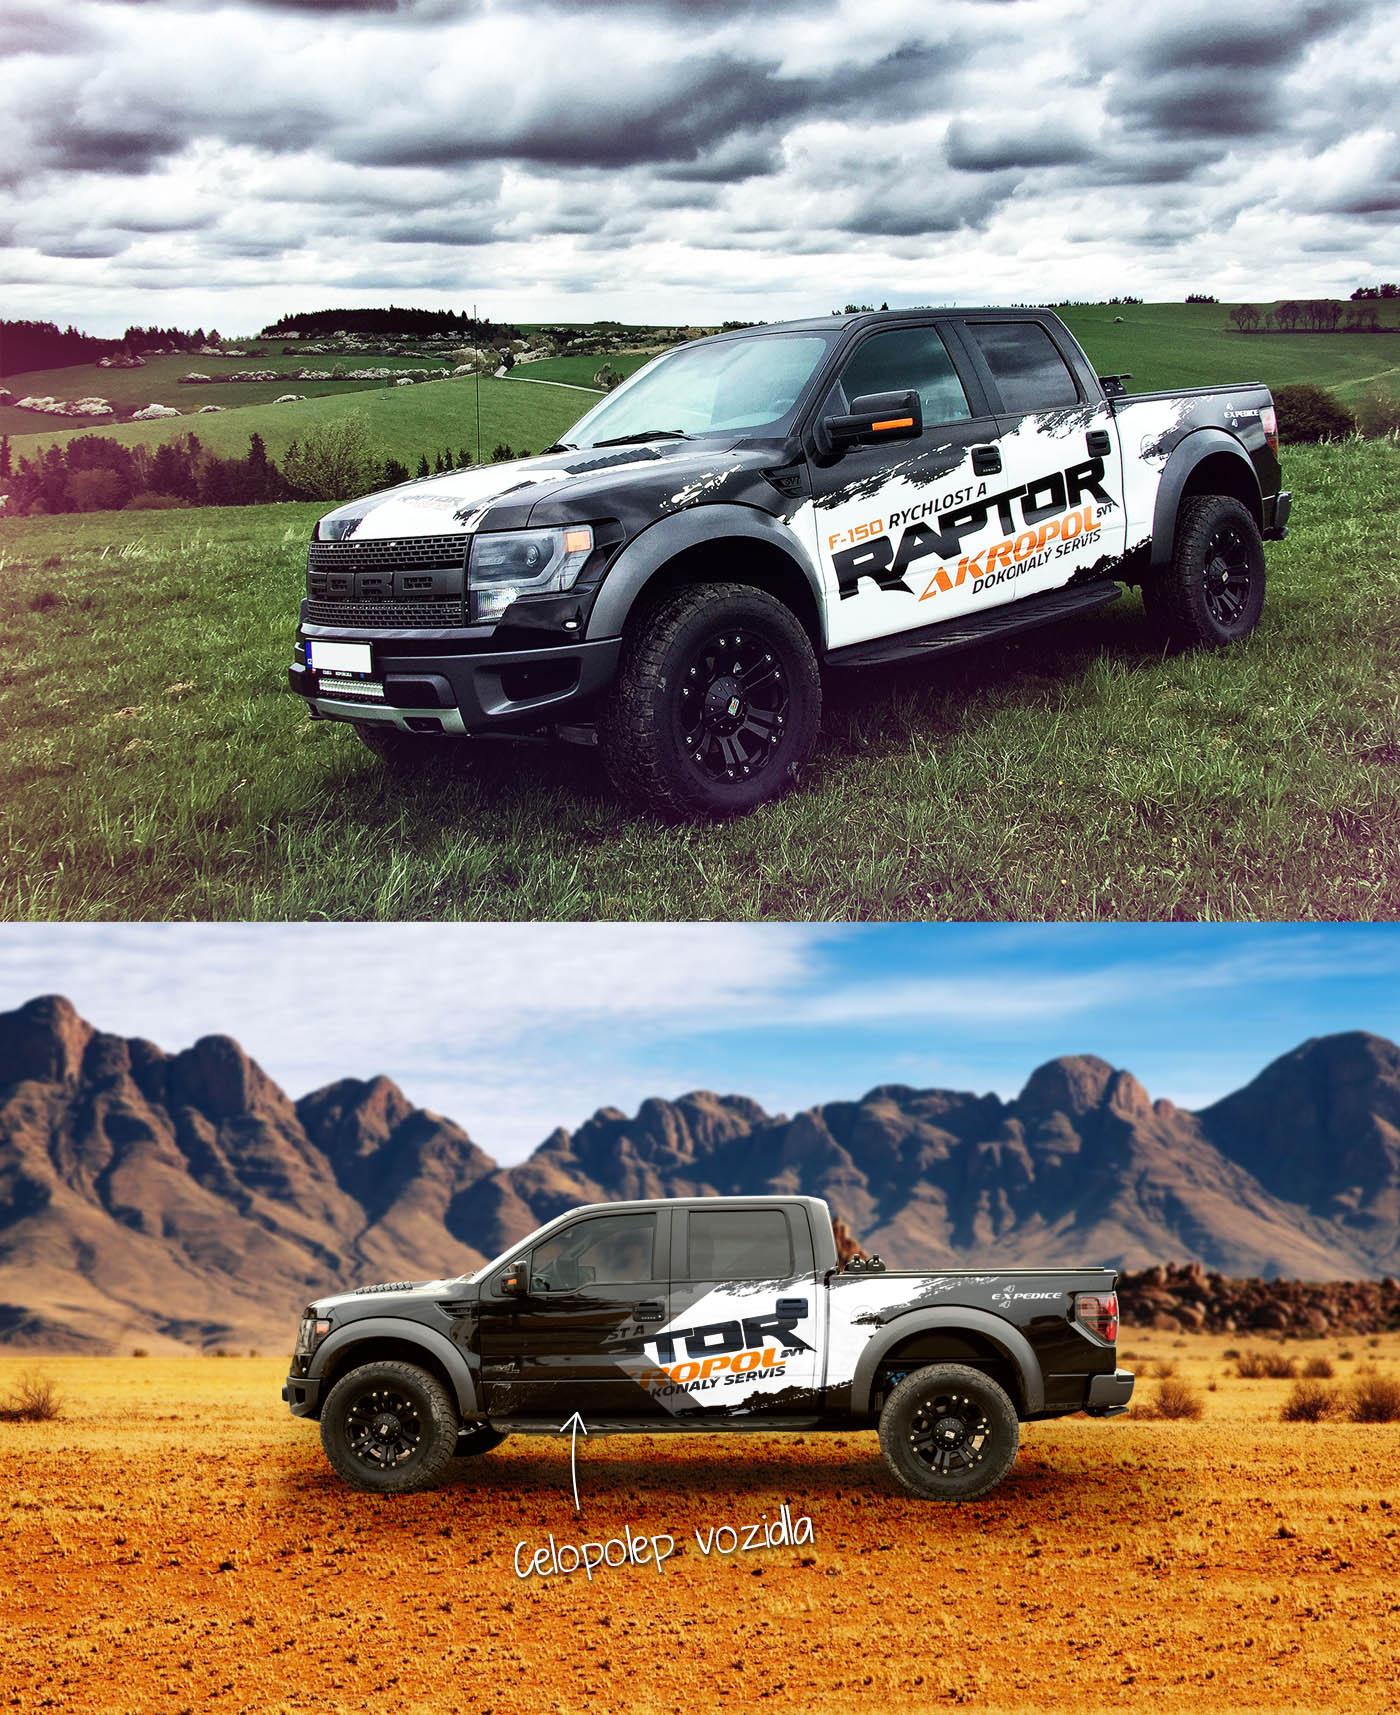 Ford raptor celopolep